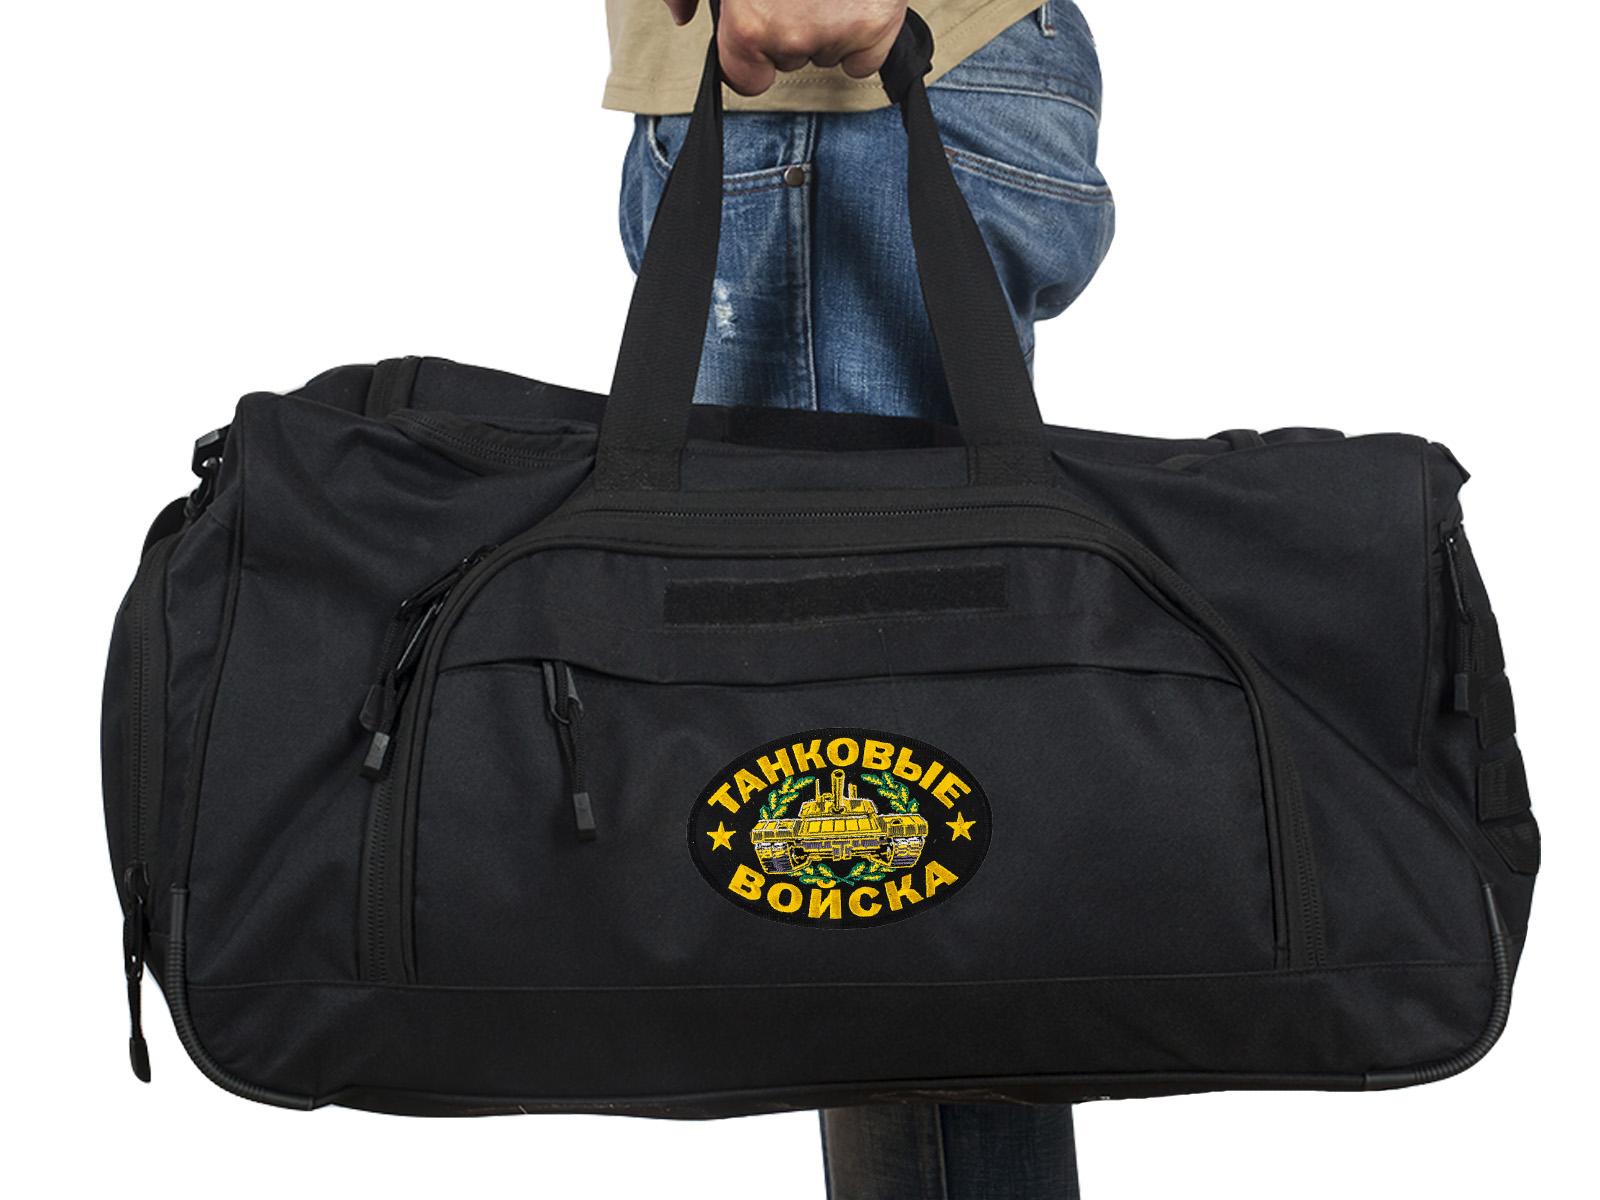 Купить тактическую большую сумку Танковые Войска 08032B Black оптом или в розницу